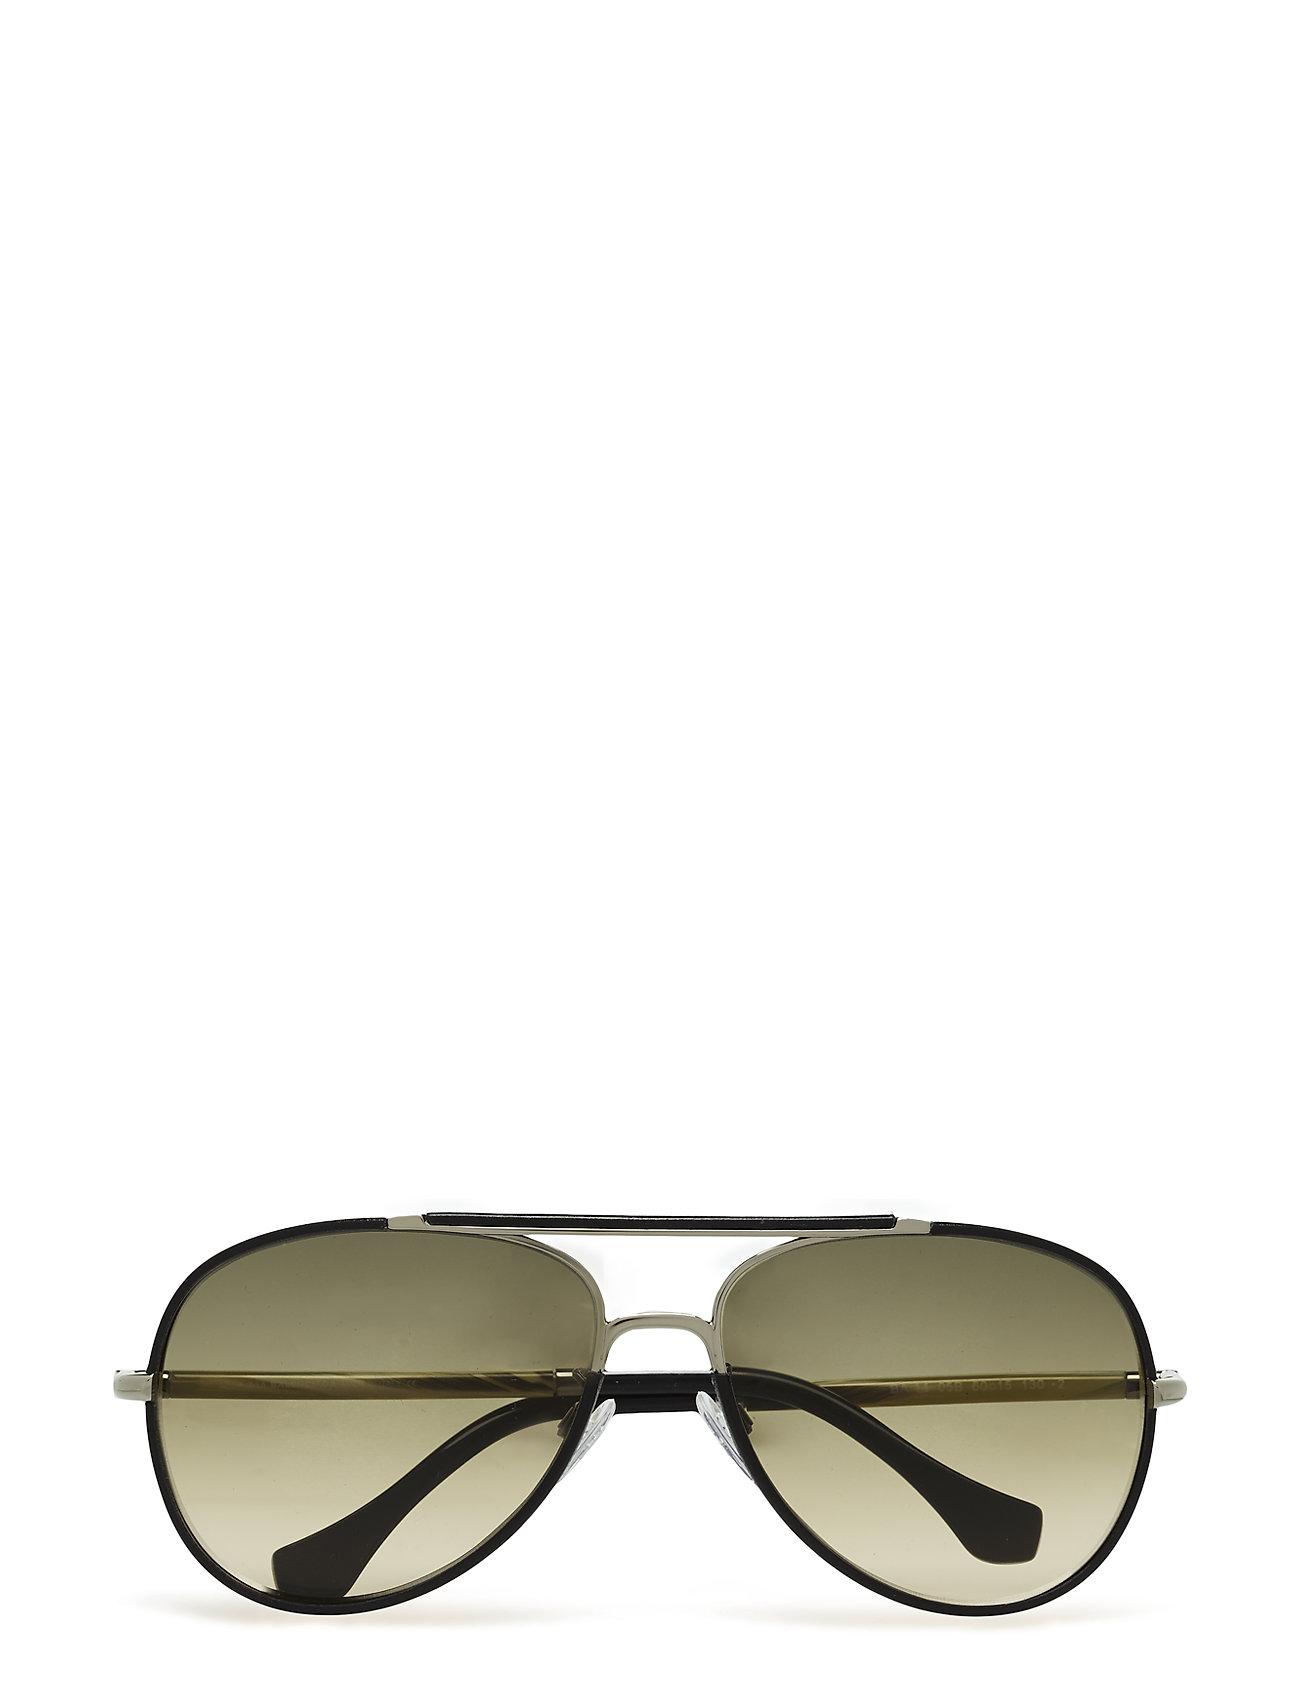 BALENCIAGA Ba0014 Pilotensonnenbrille Sonnenbrille Schwarz BALENCIAGA SUNGLASSES